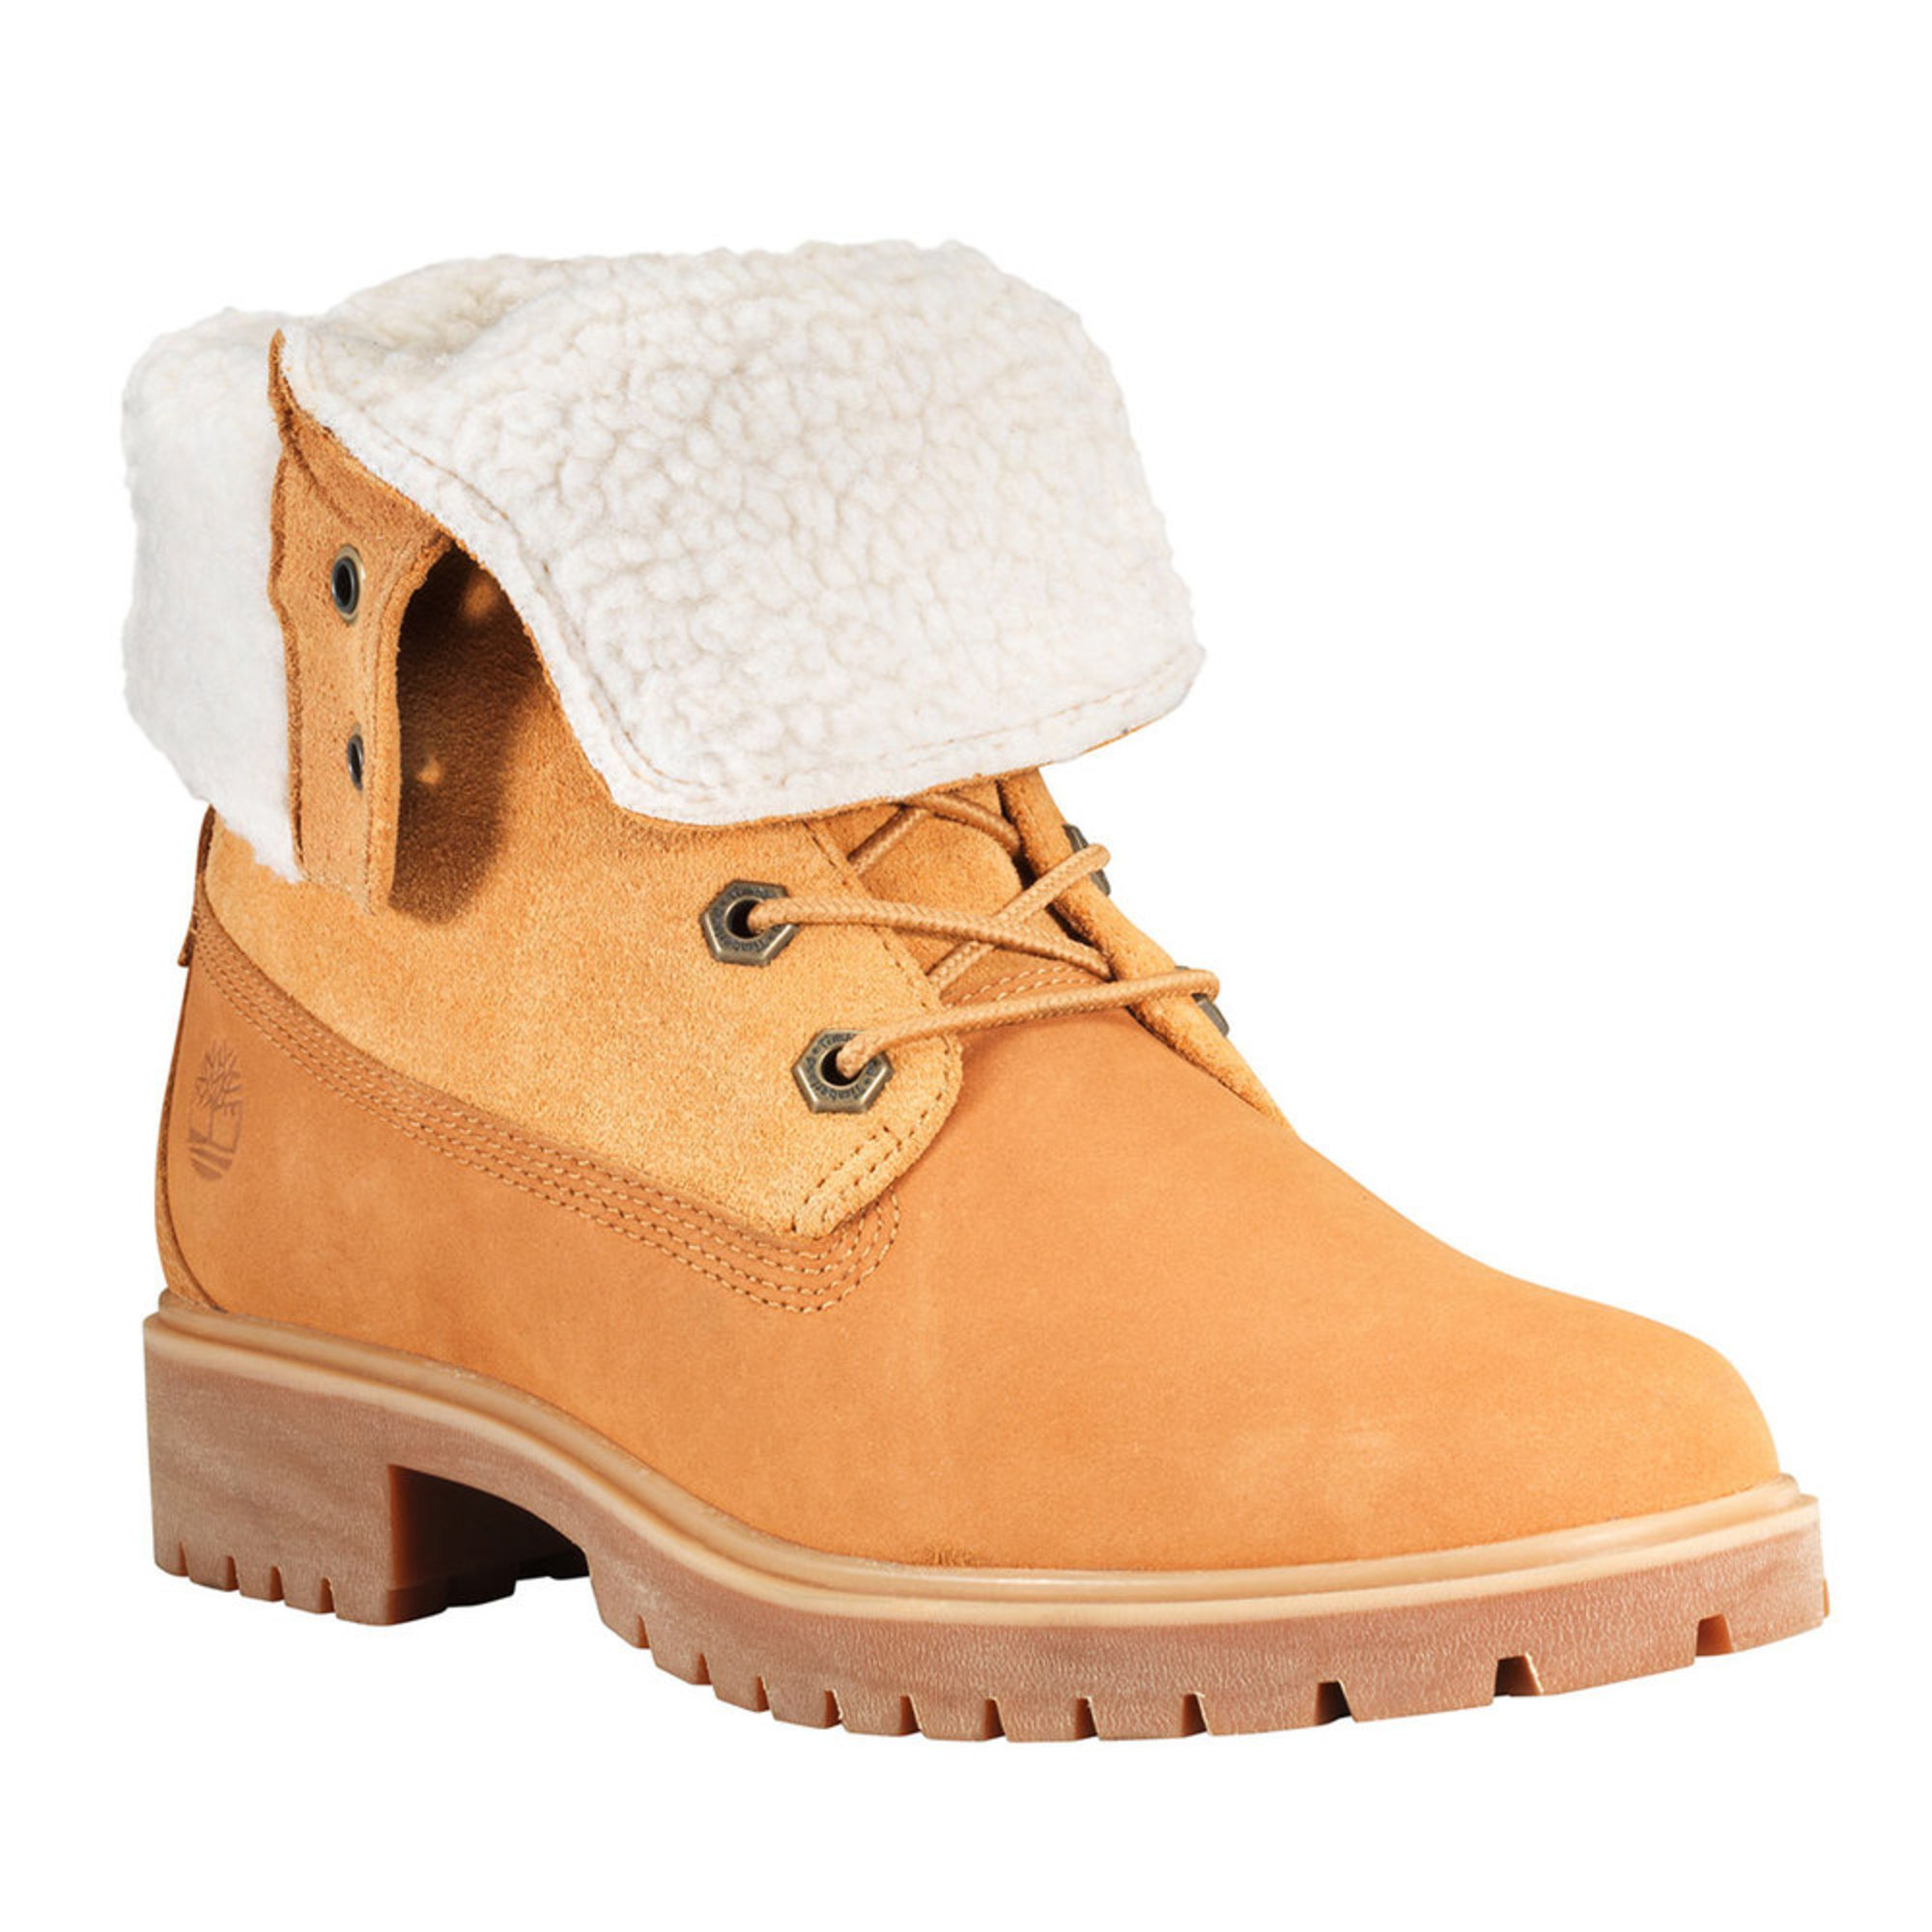 Timberland Women s Jayne Waterproof Teddy Fleece Fold Down Boot ... 47b012e7b9